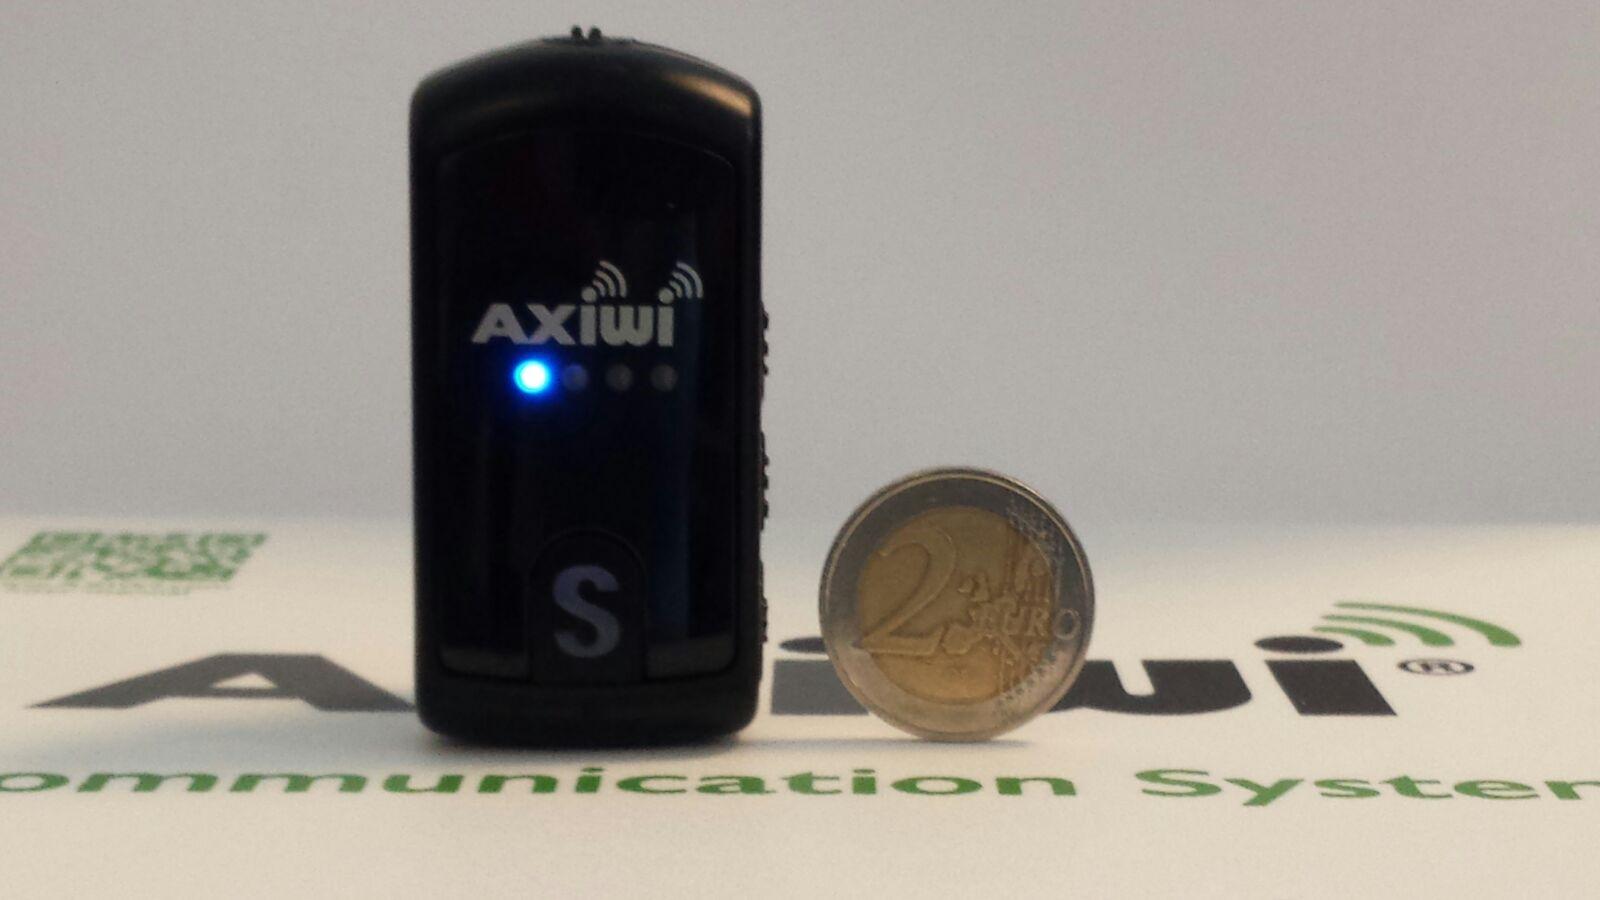 Axiwi- Bezprzewodowy system komunikacyjny-mały-gigant